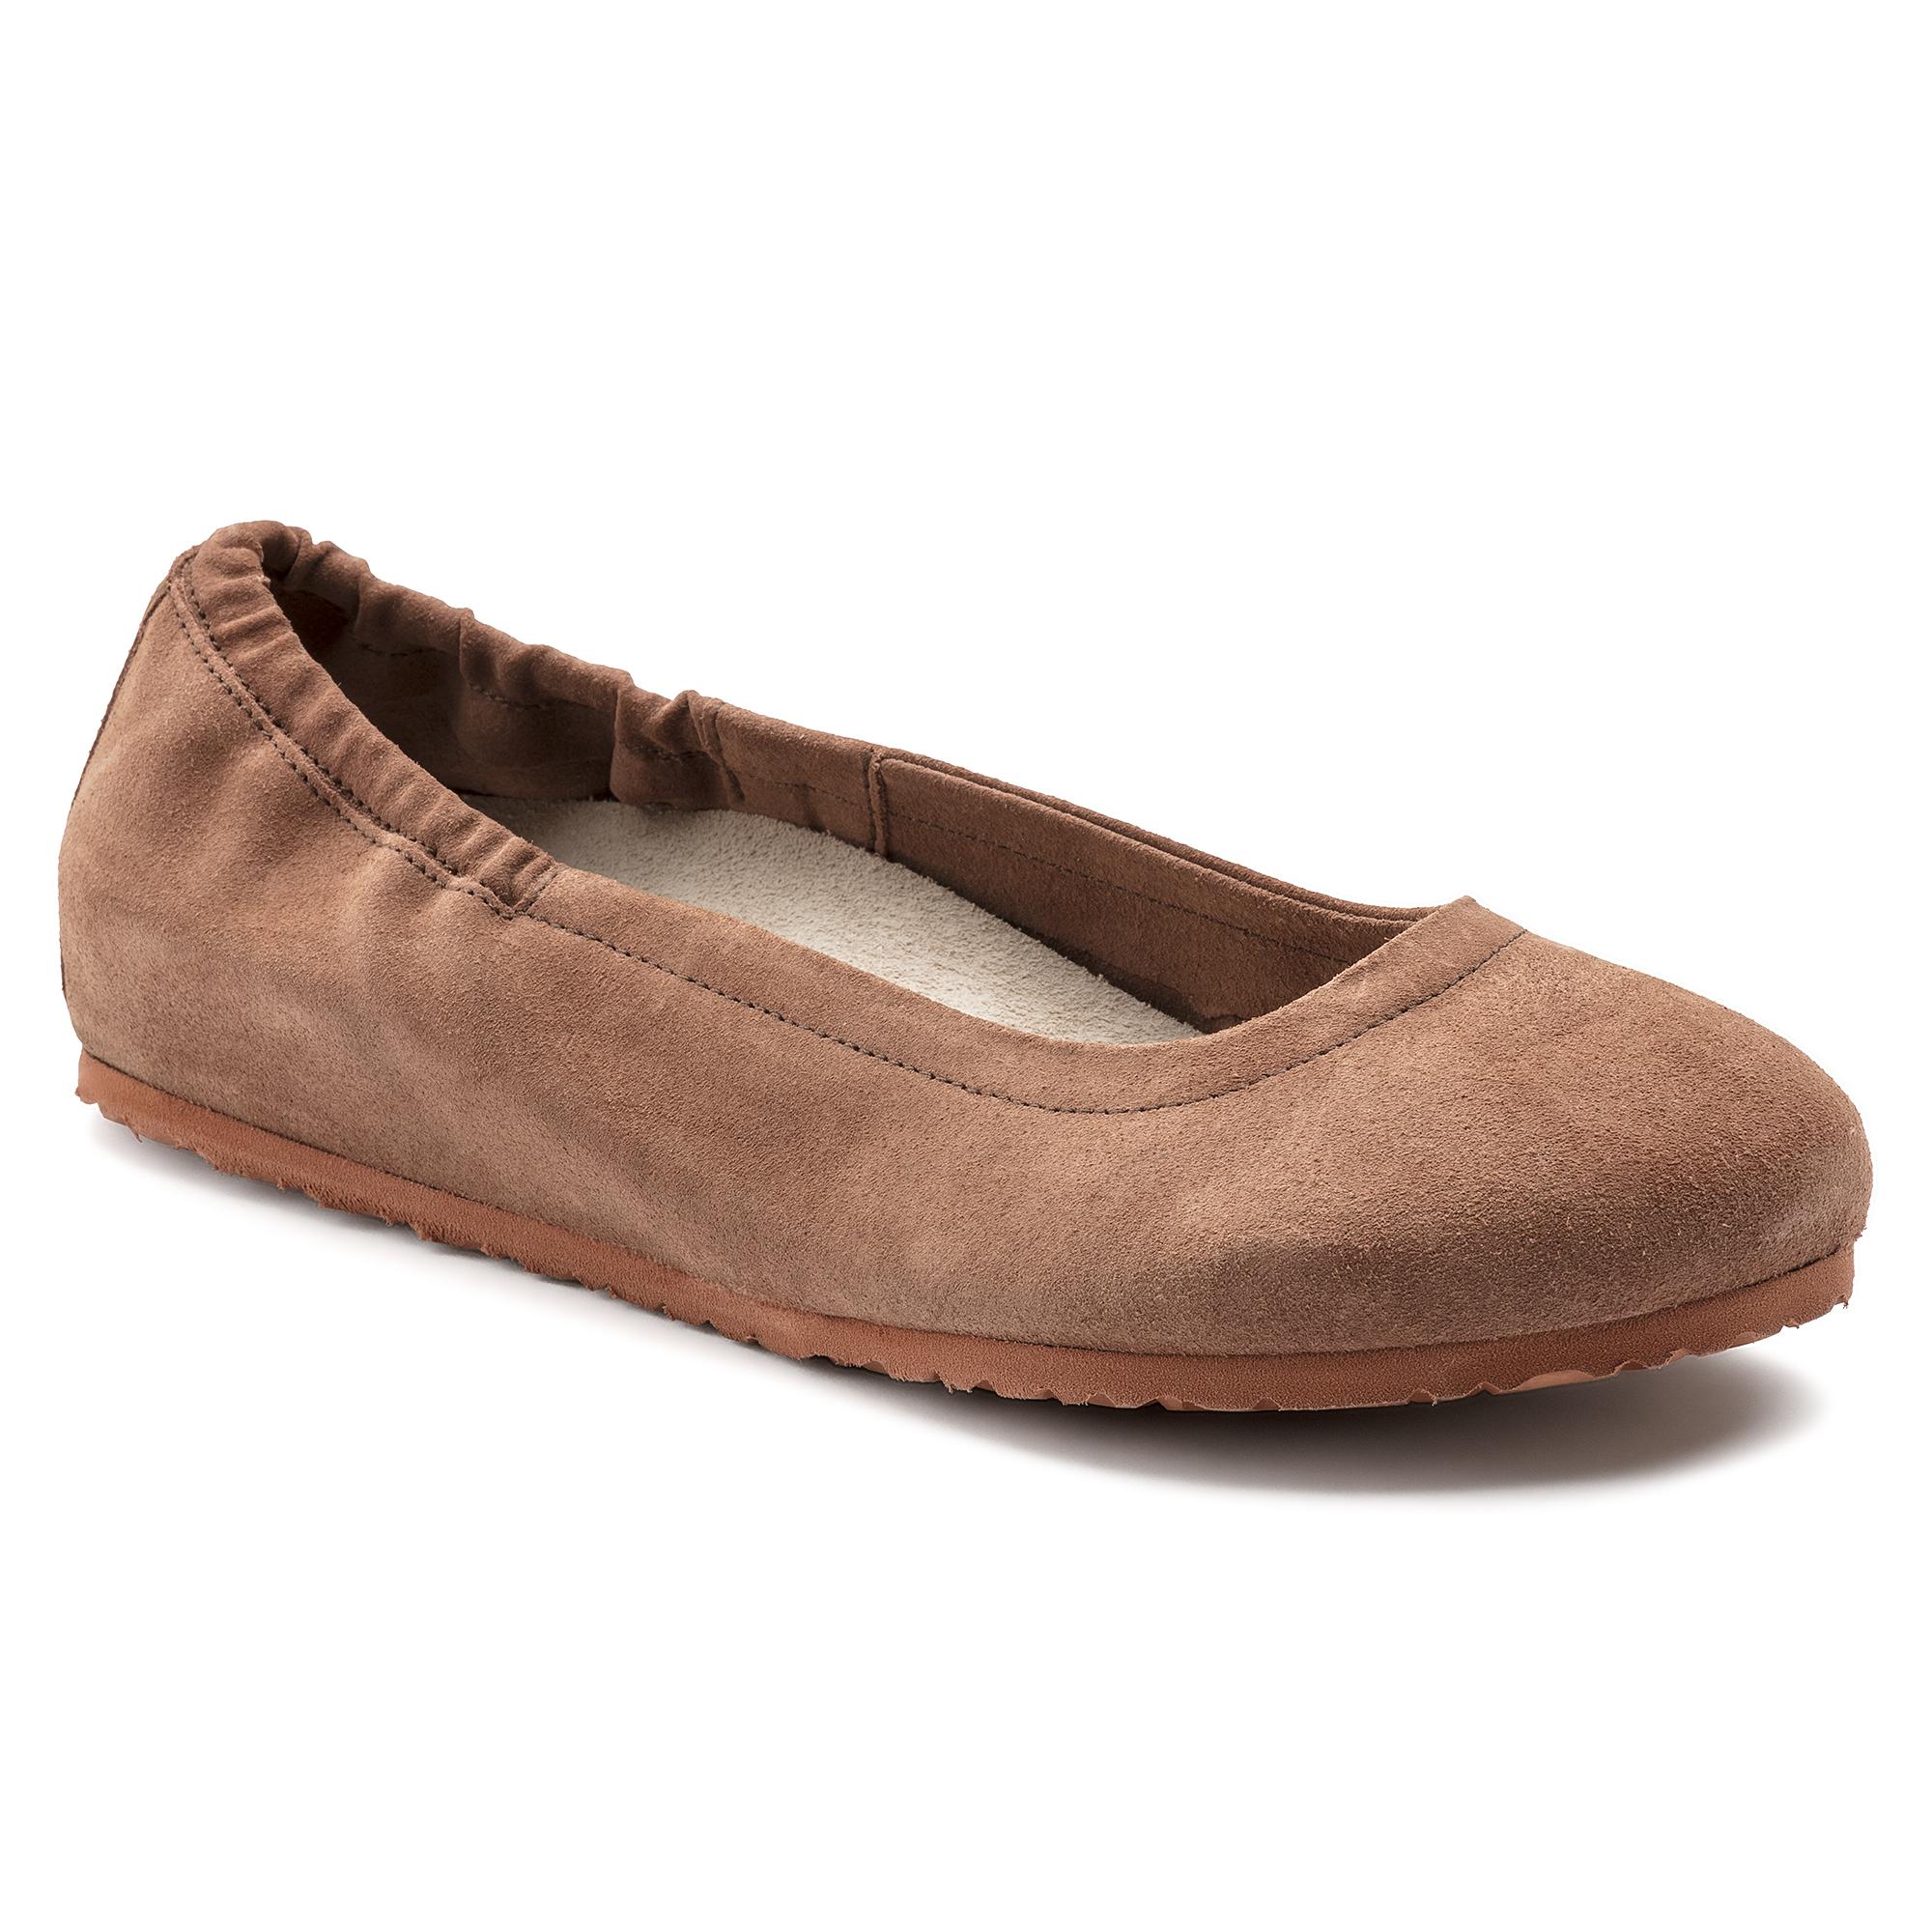 8f07e30211e3 Celina Suede Leather